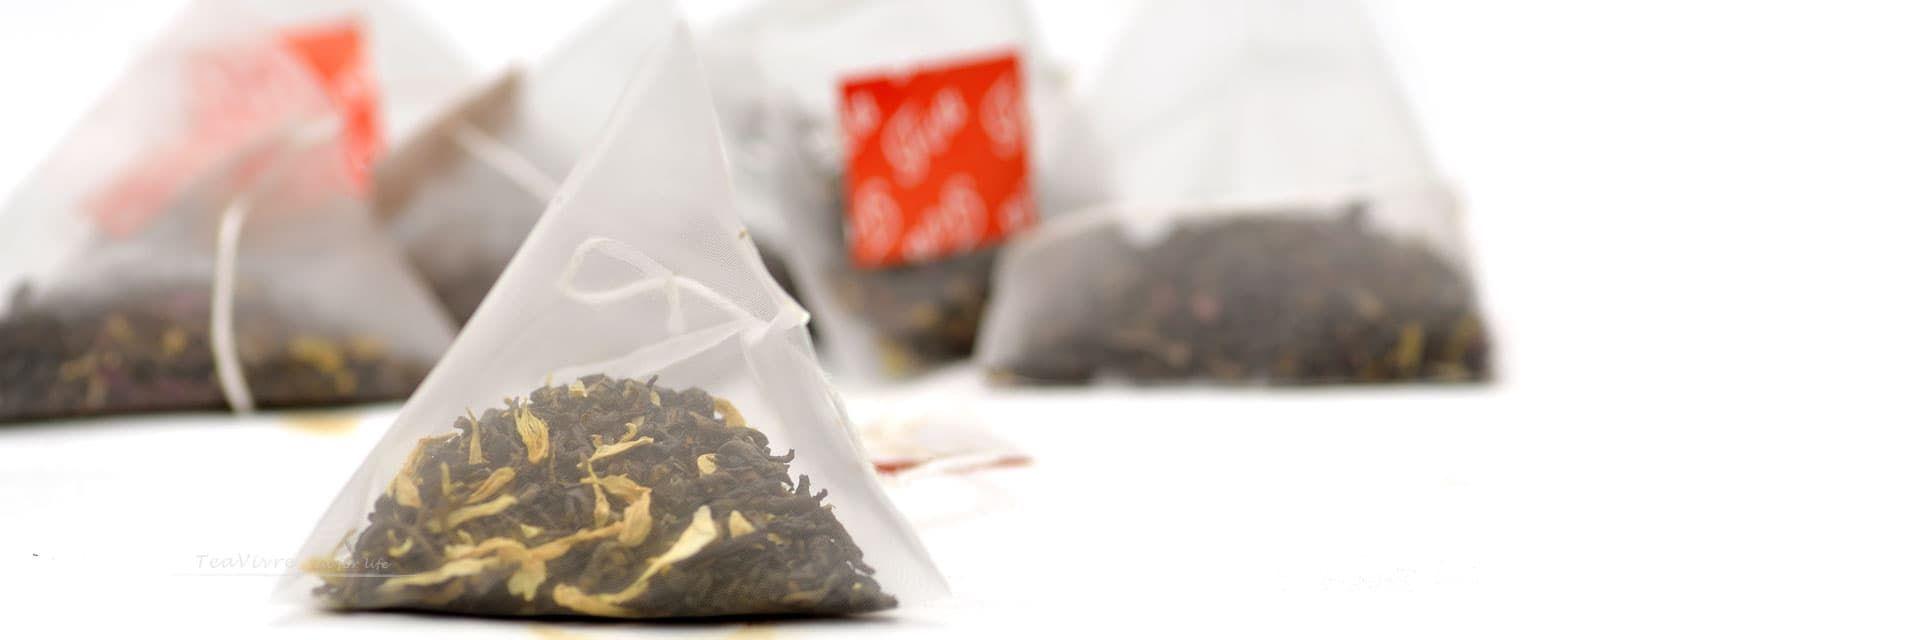 نمایندگی اینترنتی فروش چای کیسه ای رفاه